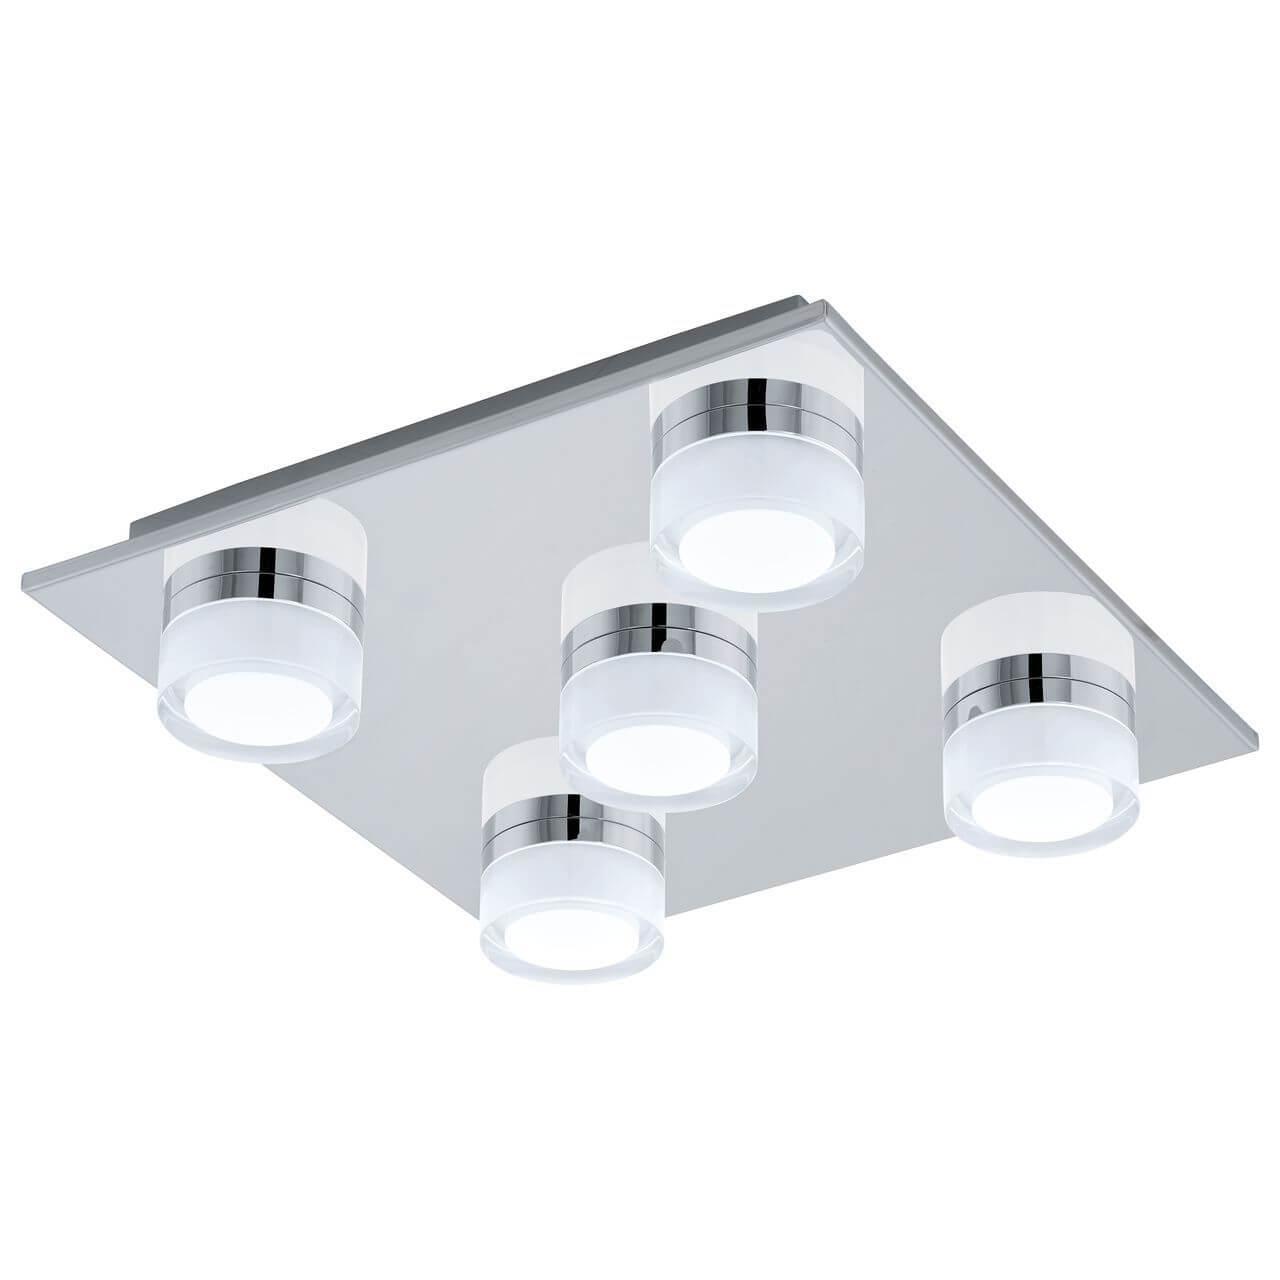 Люстра Eglo Romendo 1 96544 потолочная потолочный светильник eglo romendo 94654